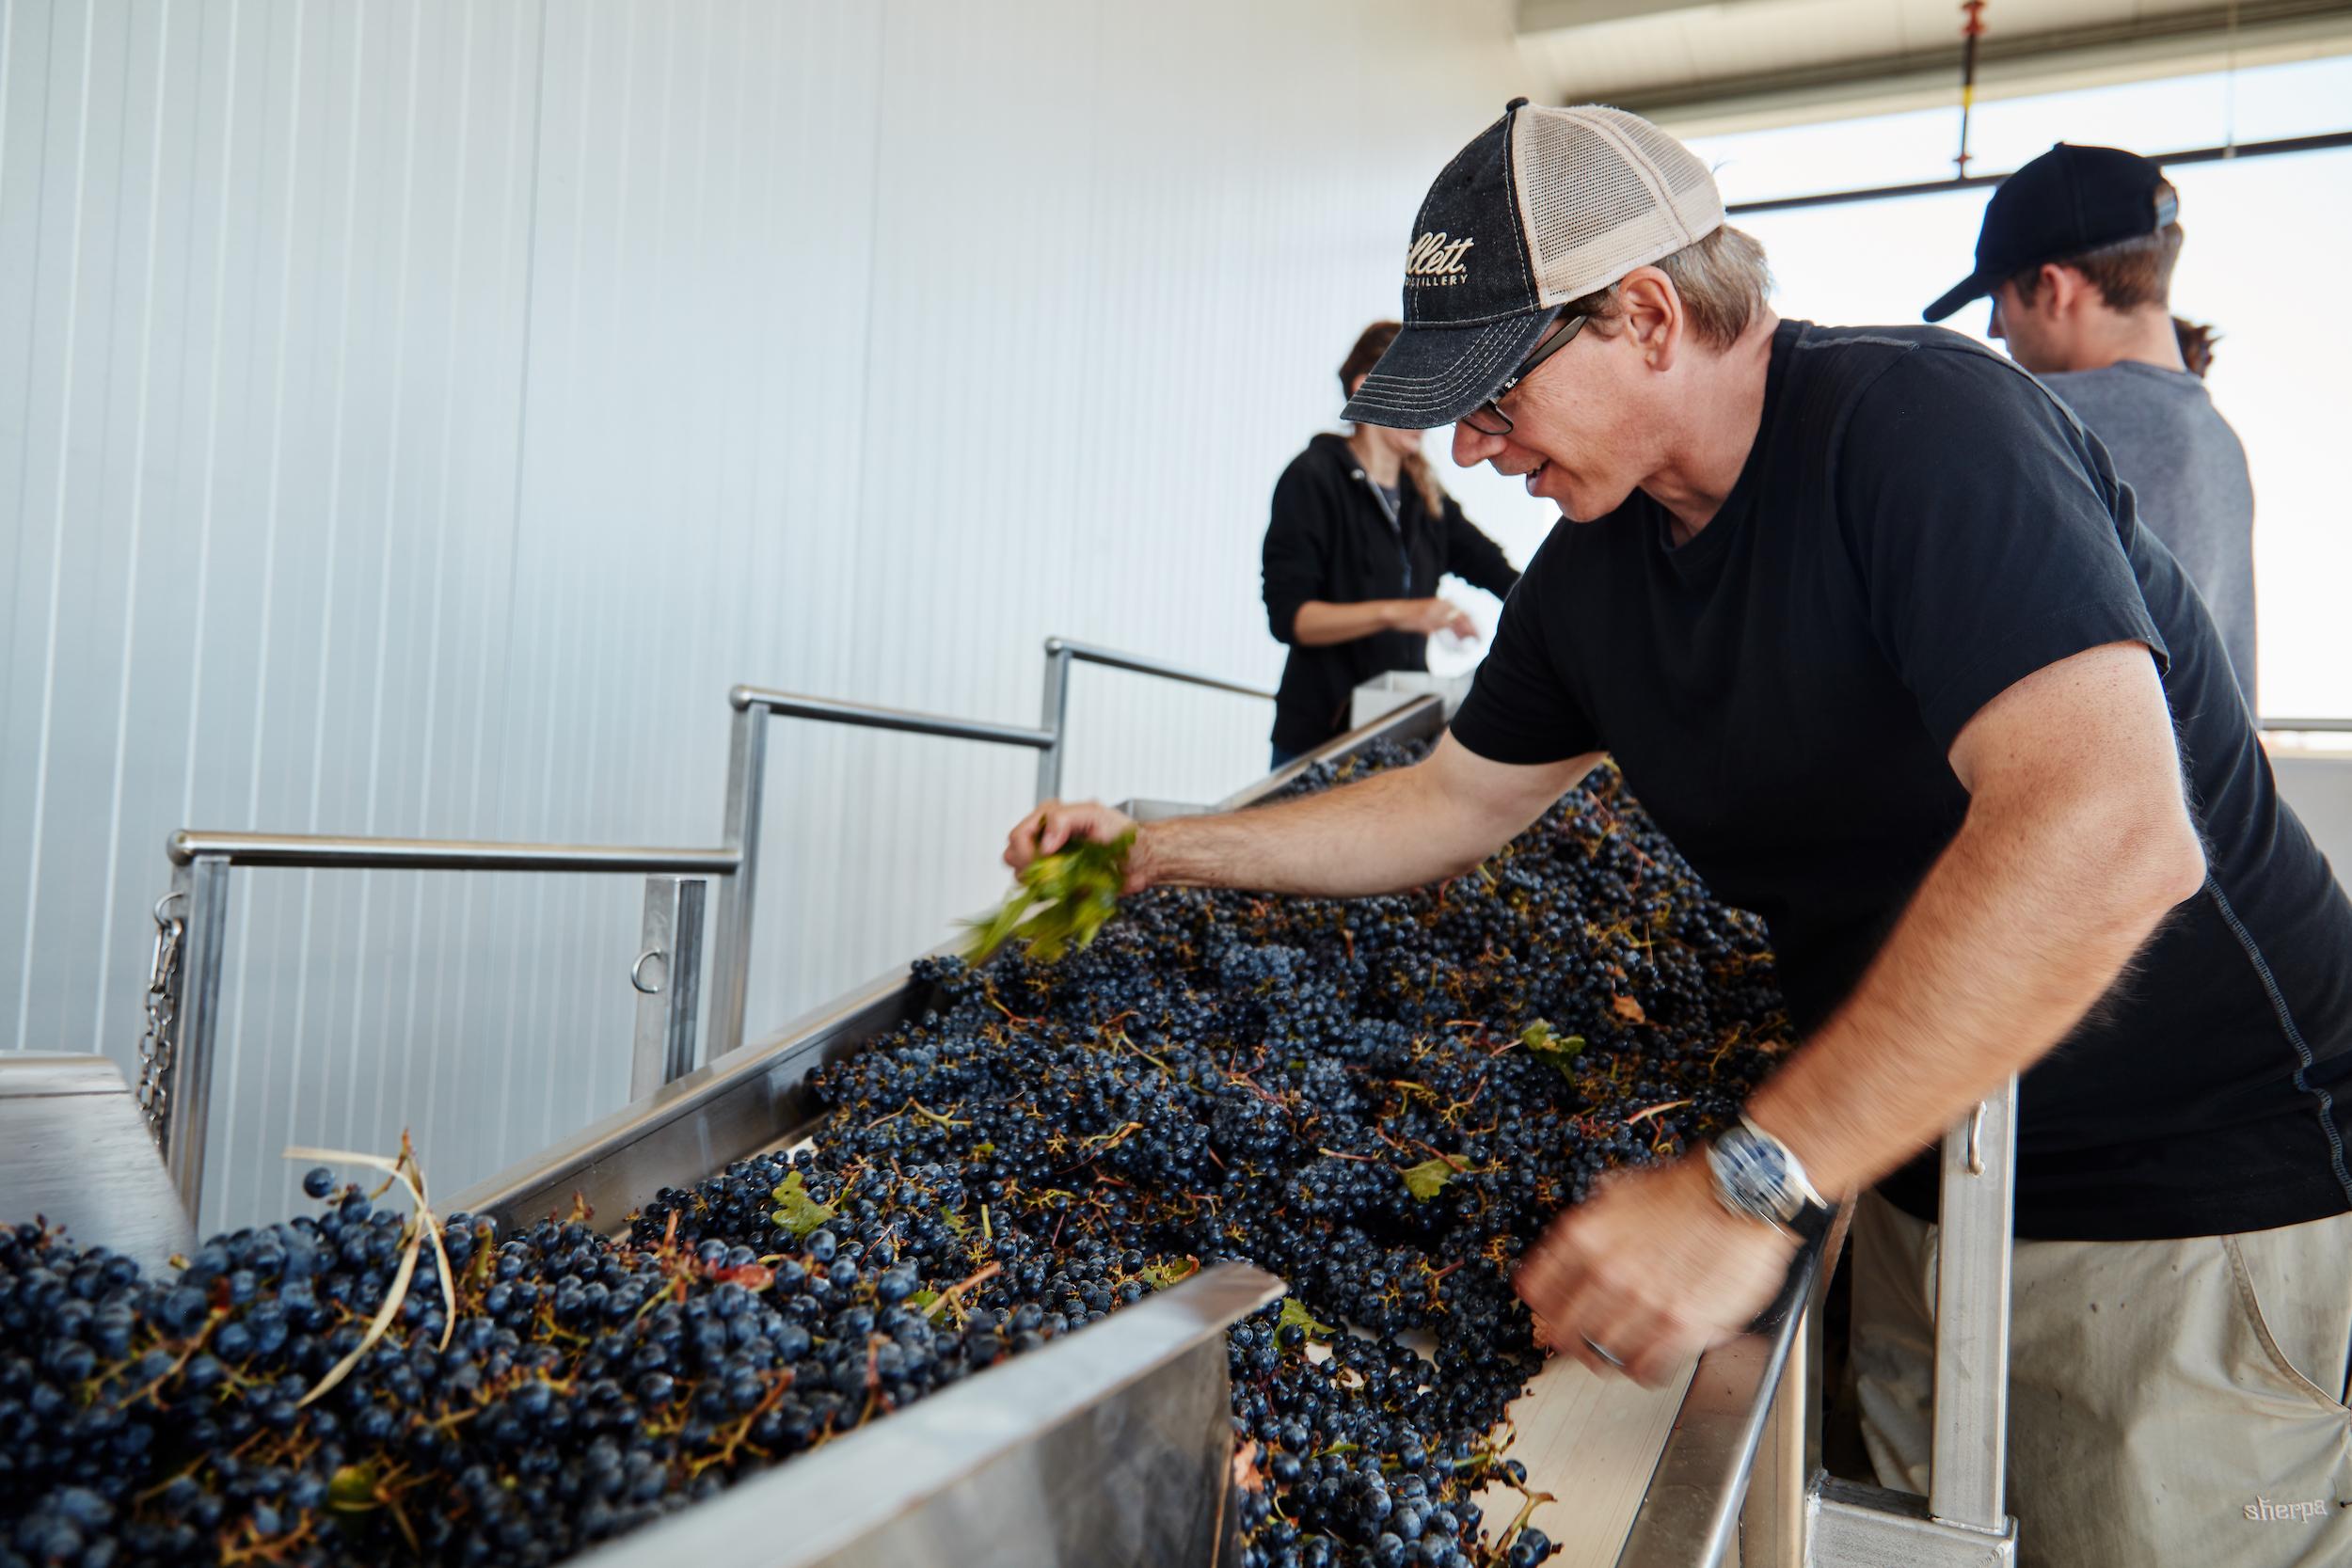 Michael sorting grapes